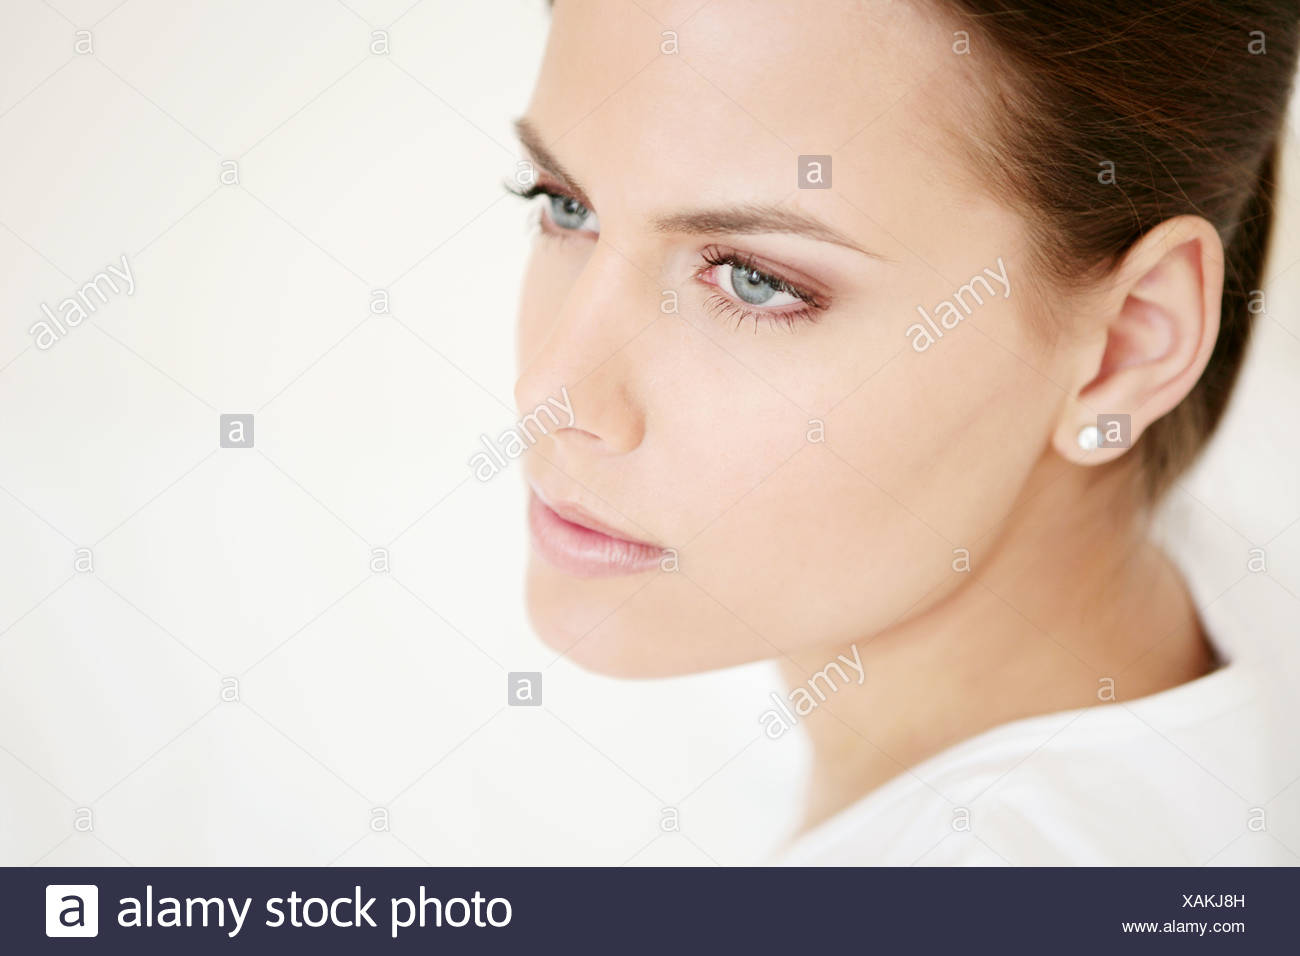 Gesicht, jung, Frau, Vitalität, frische, Schmink, Modell, Erwachsener, Frau, Kopf, Schönheit, 20-25 Jahre, 18-19 Jahre, schöne, Wellness, Stockbild